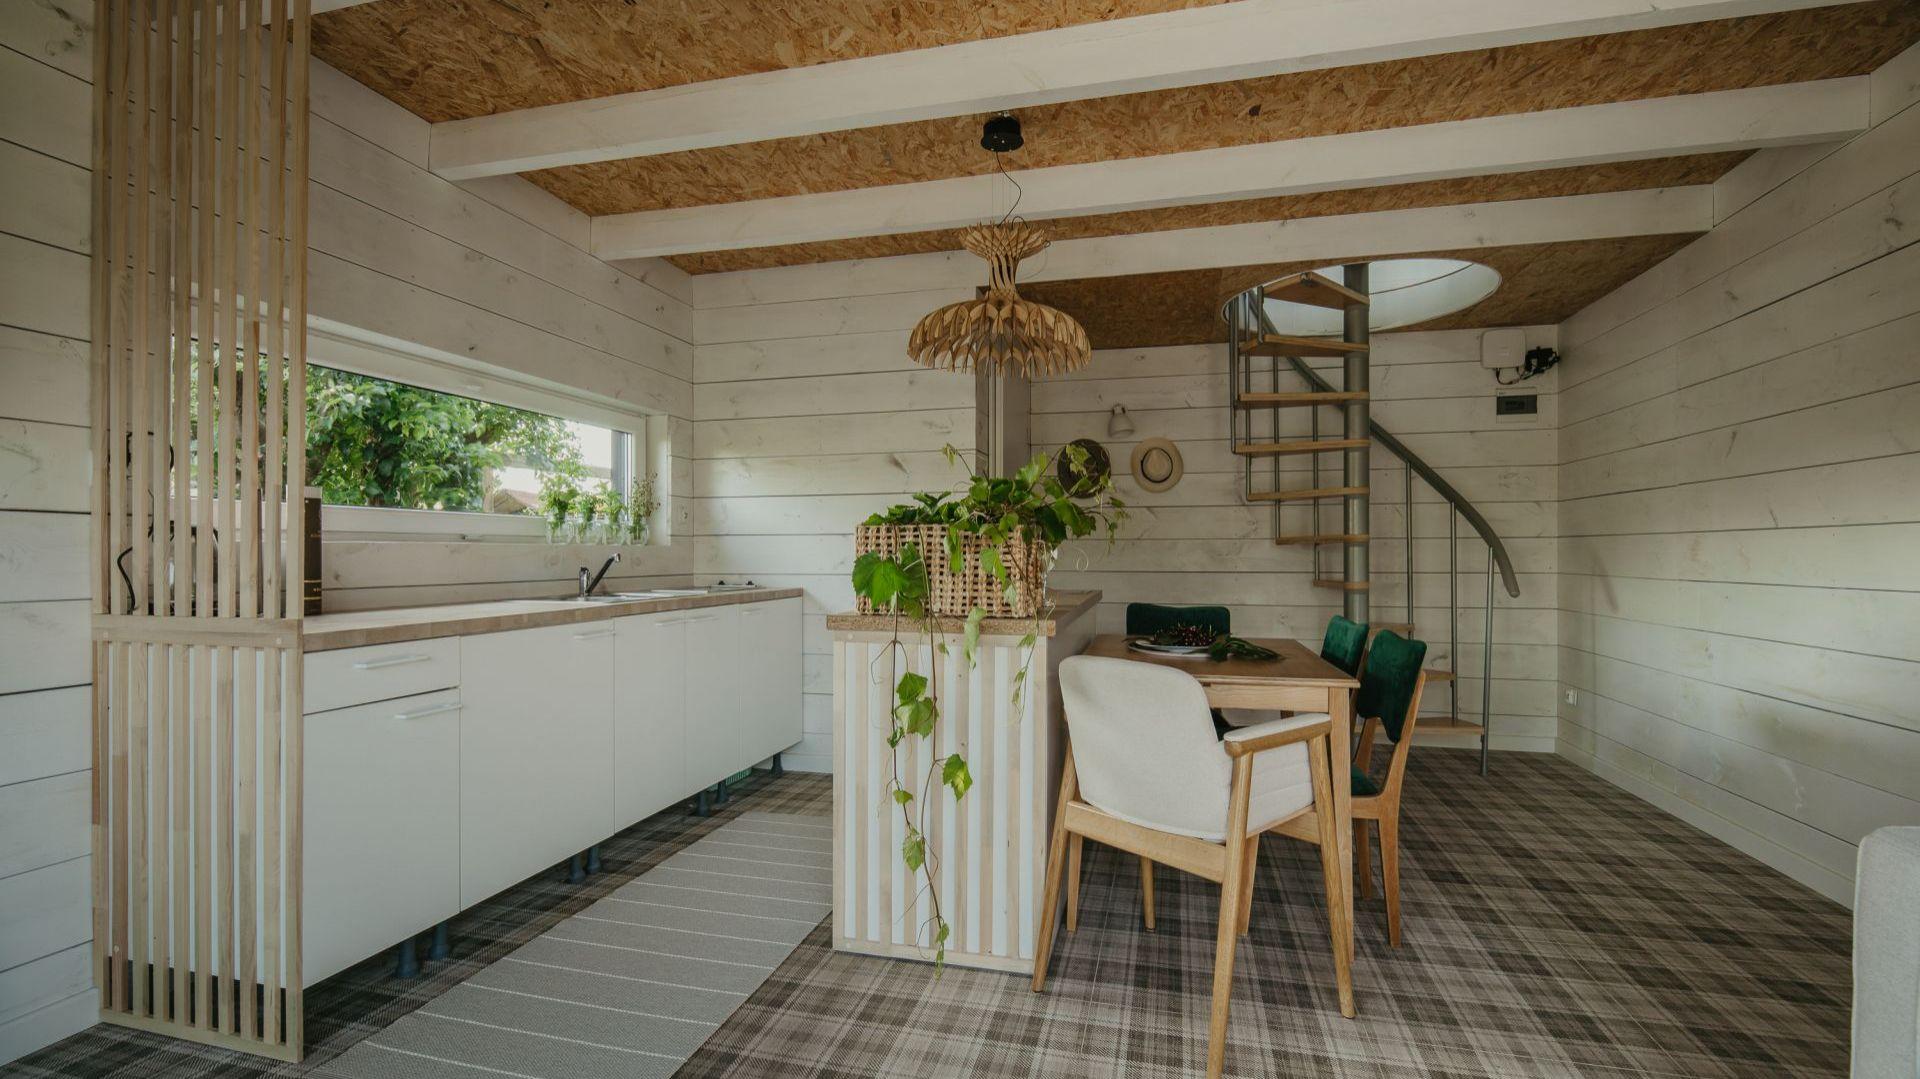 We wnętrzu ogrodowego domu odnajdziemy nawiązania do stylistyki